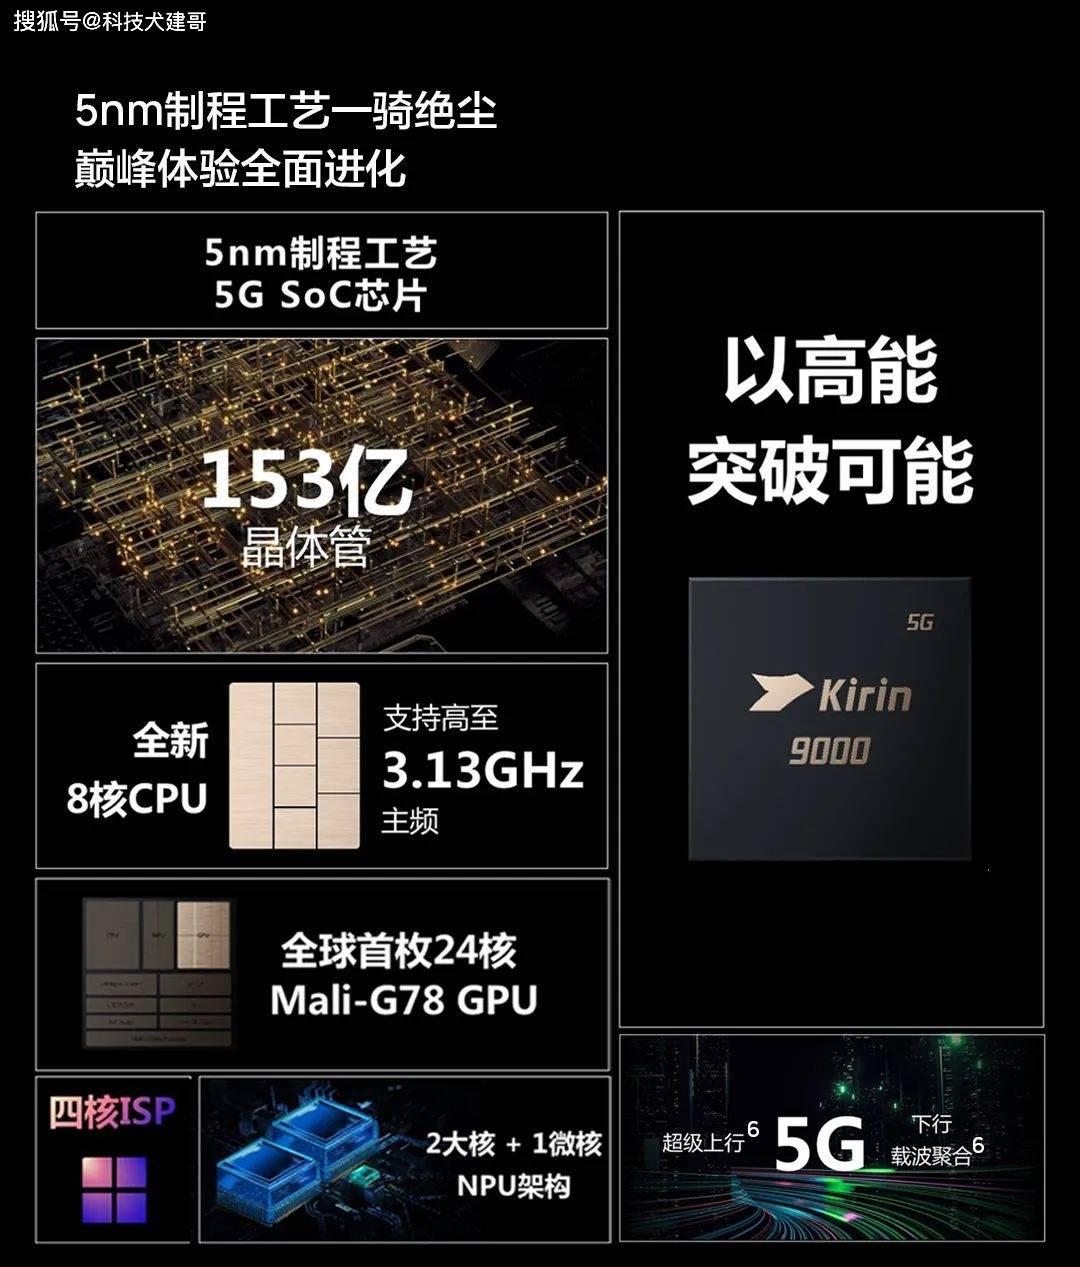 天顺app下载-首页【1.1.5】  第29张